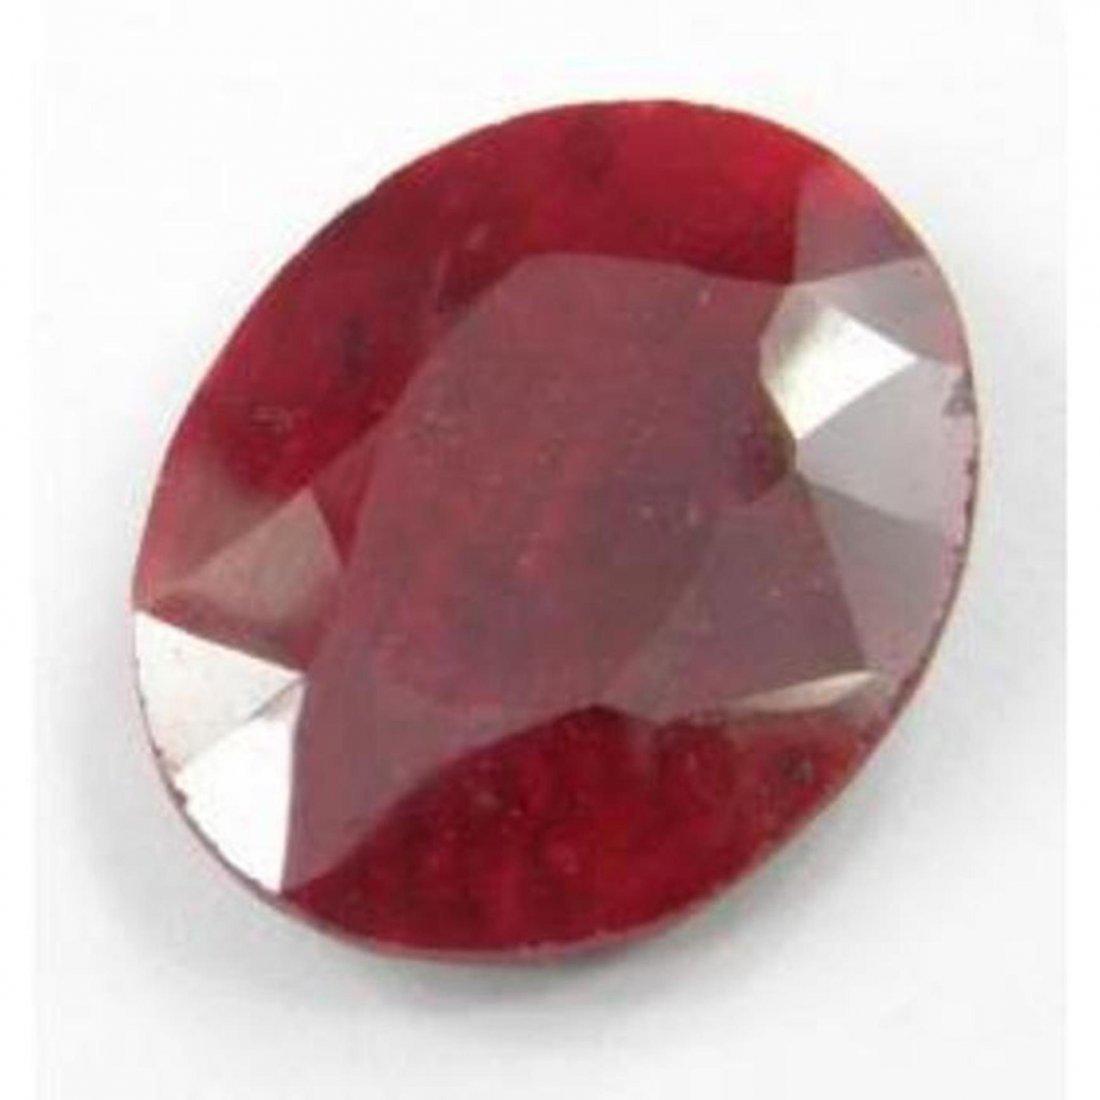 A 3 ct. Ruby Gemstone